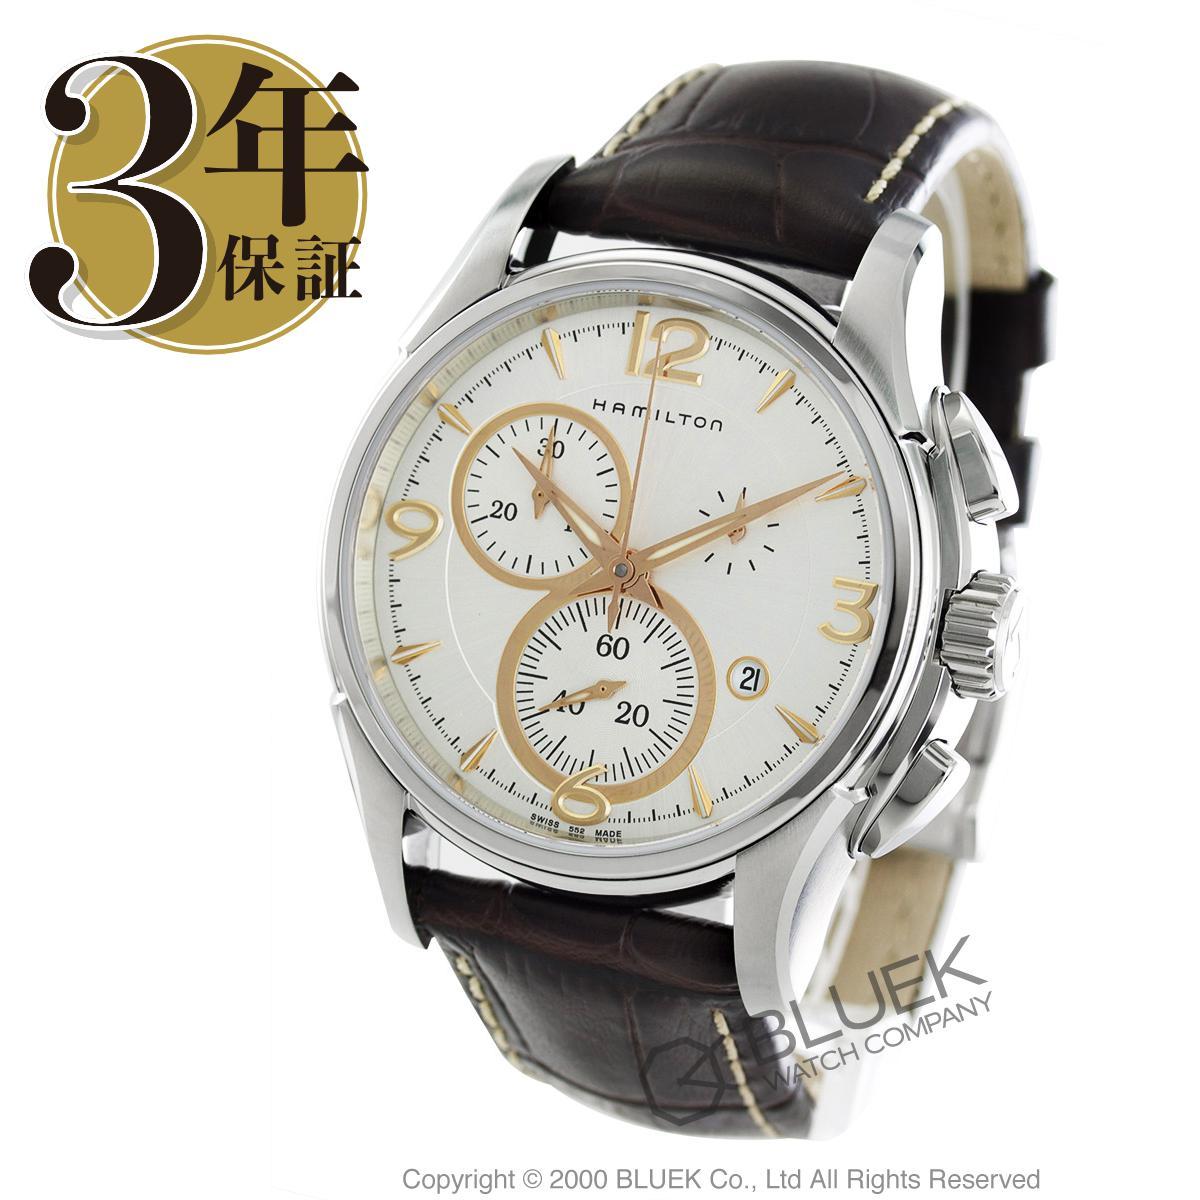 ハミルトン ジャズマスター クロノクオーツ クロノグラフ 腕時計 メンズ HAMILTON H32612555_8 バーゲン 成人祝い ギフト プレゼント